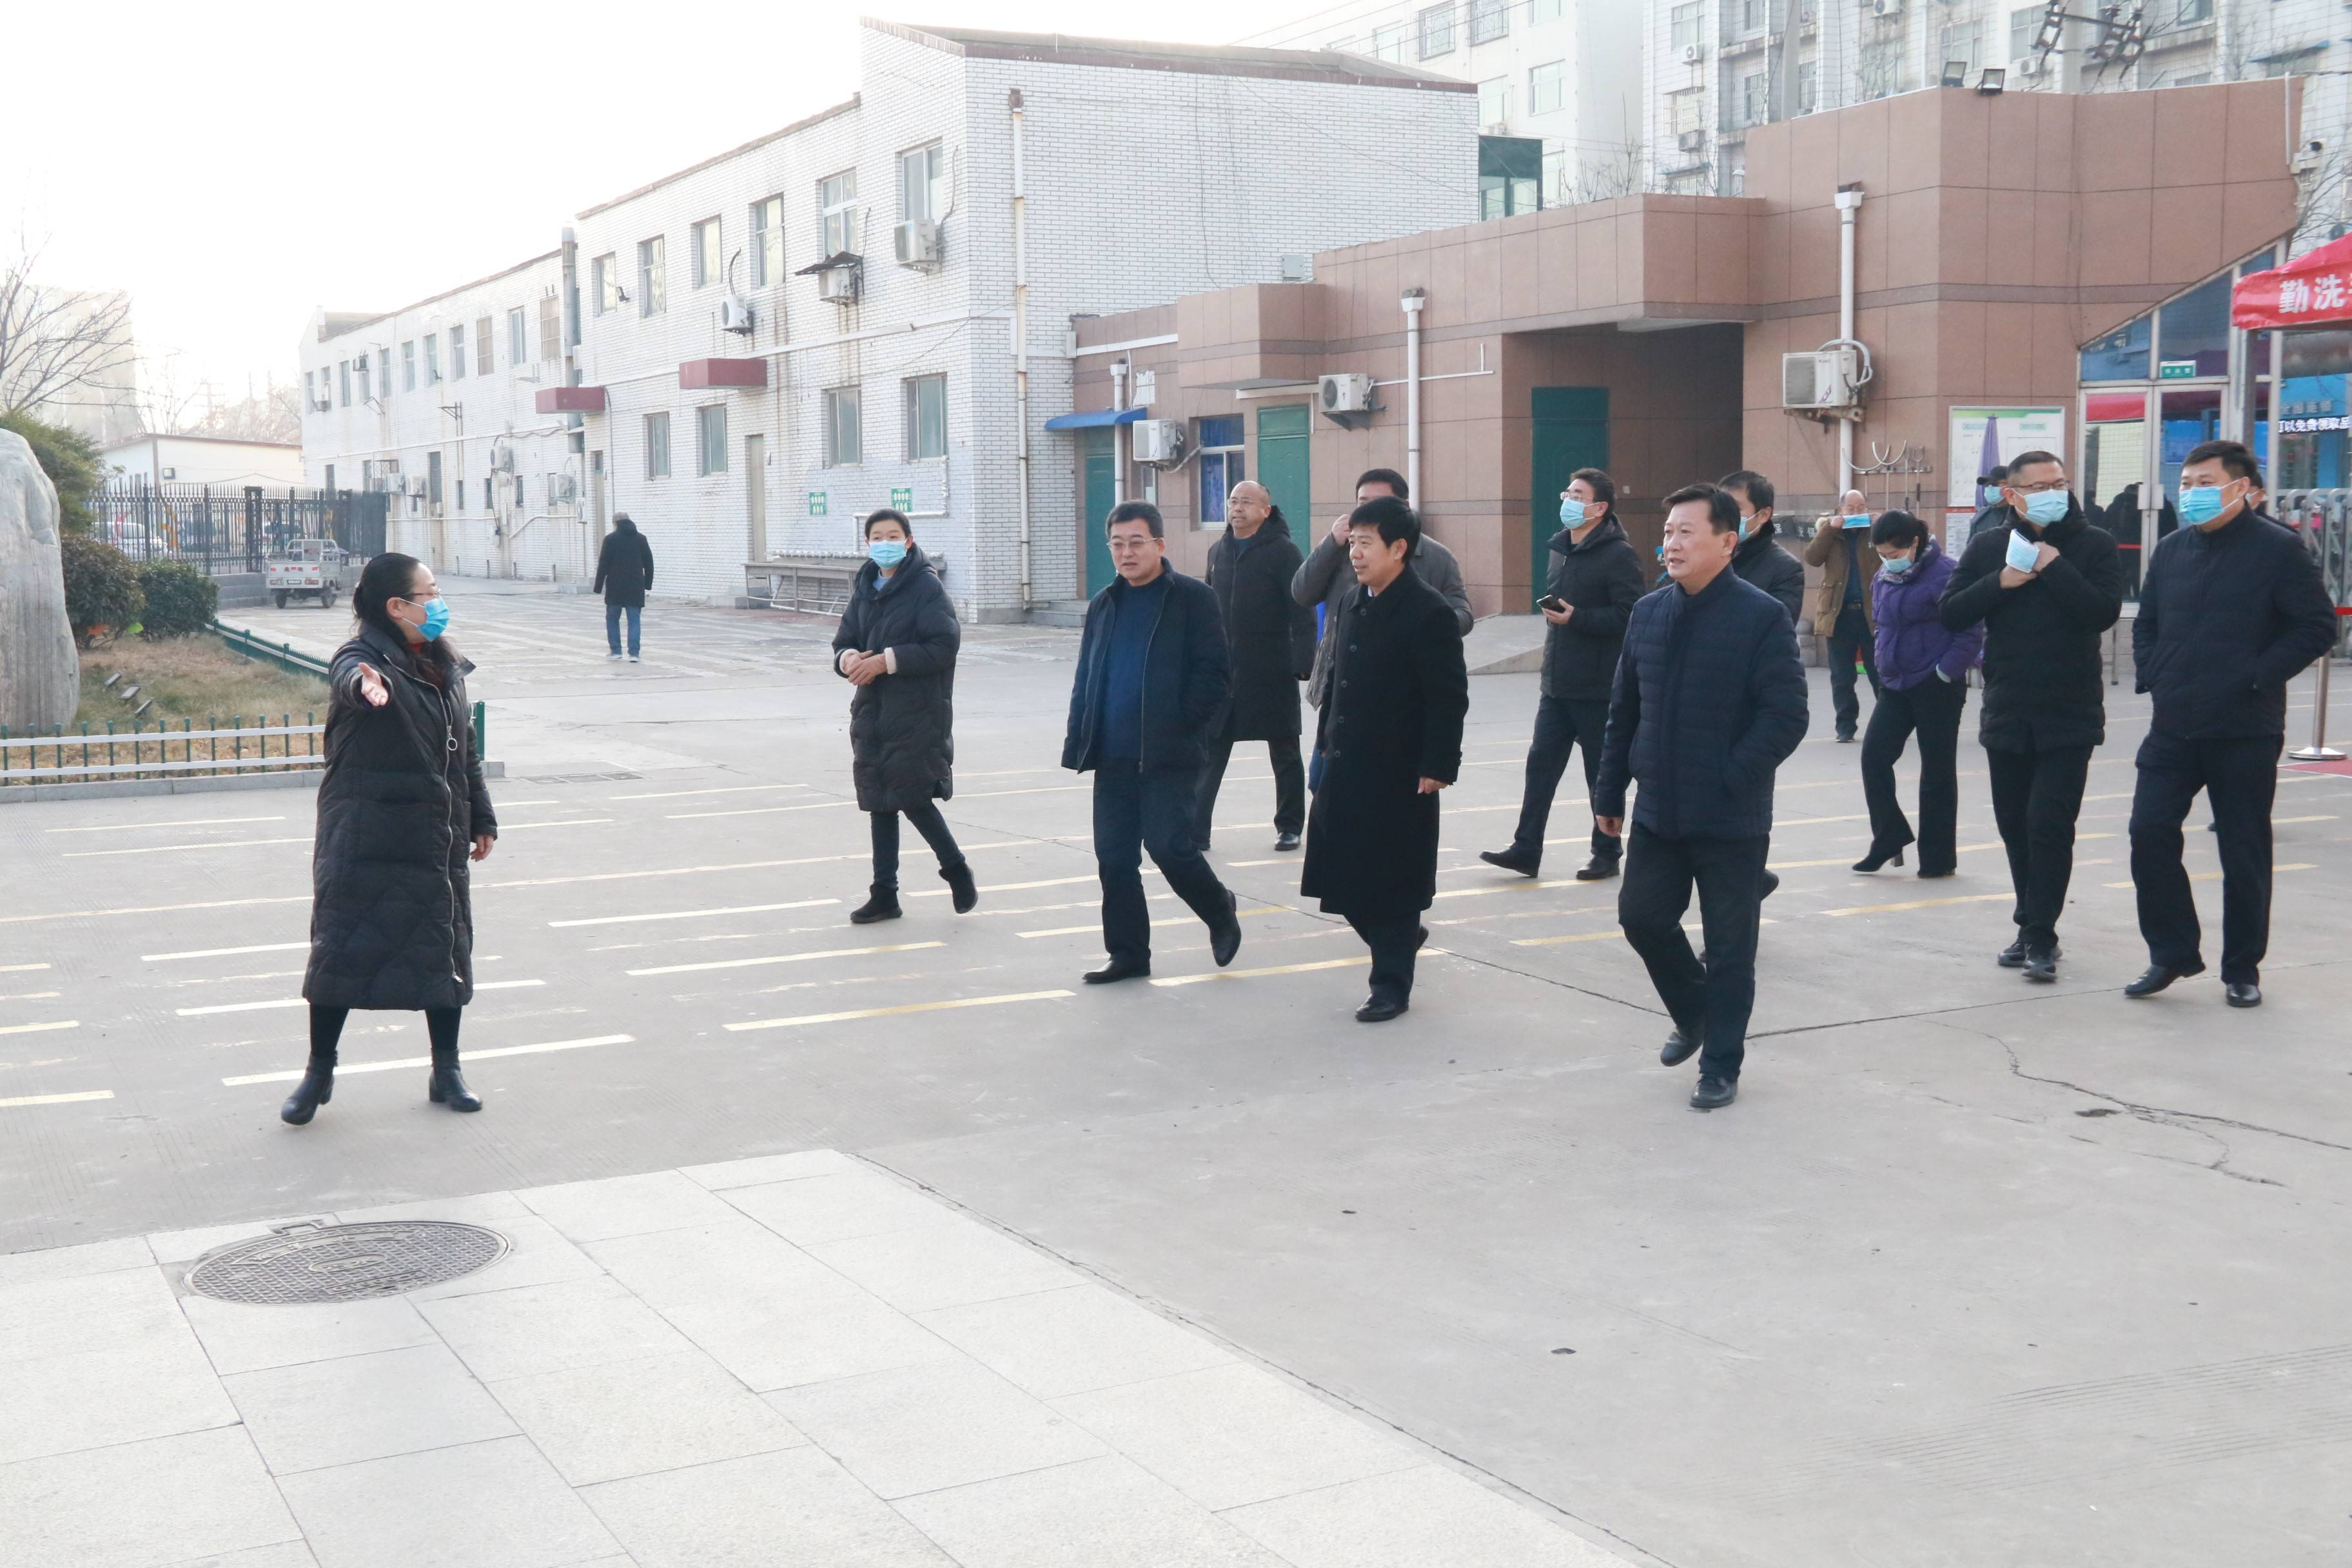 濮阳市第八中学迎来南乐县考察团